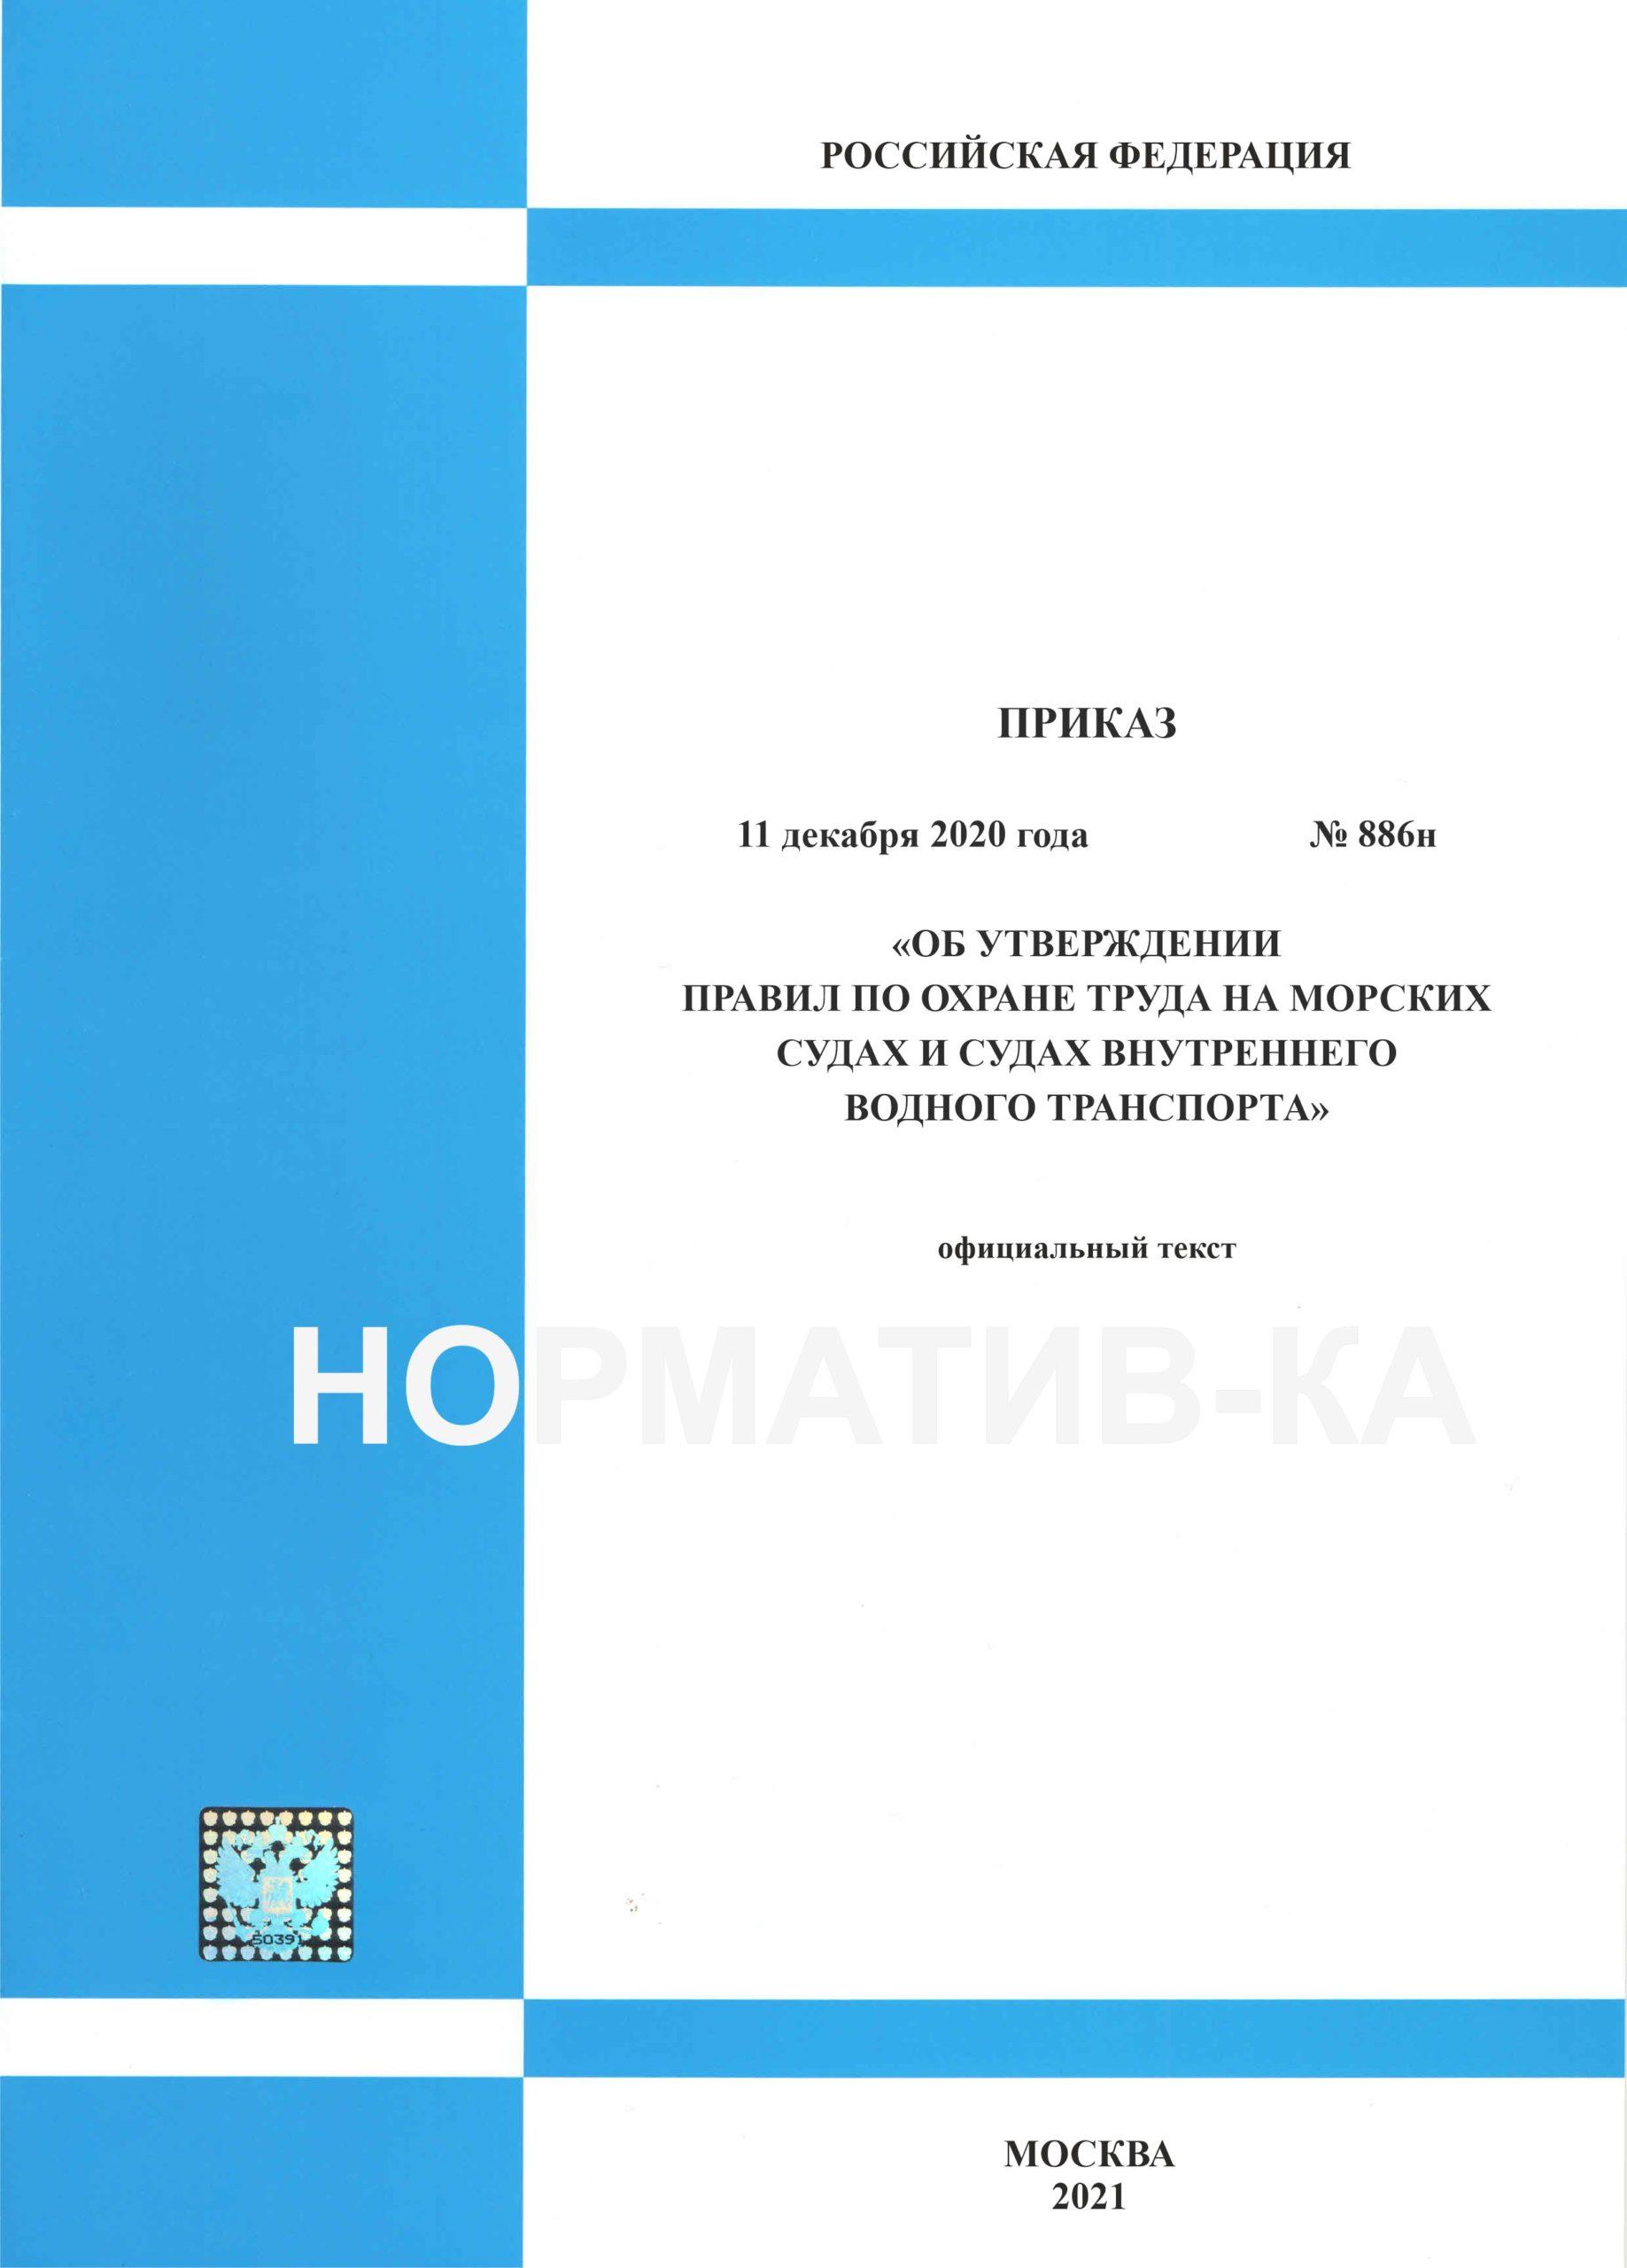 Приказ № 886н